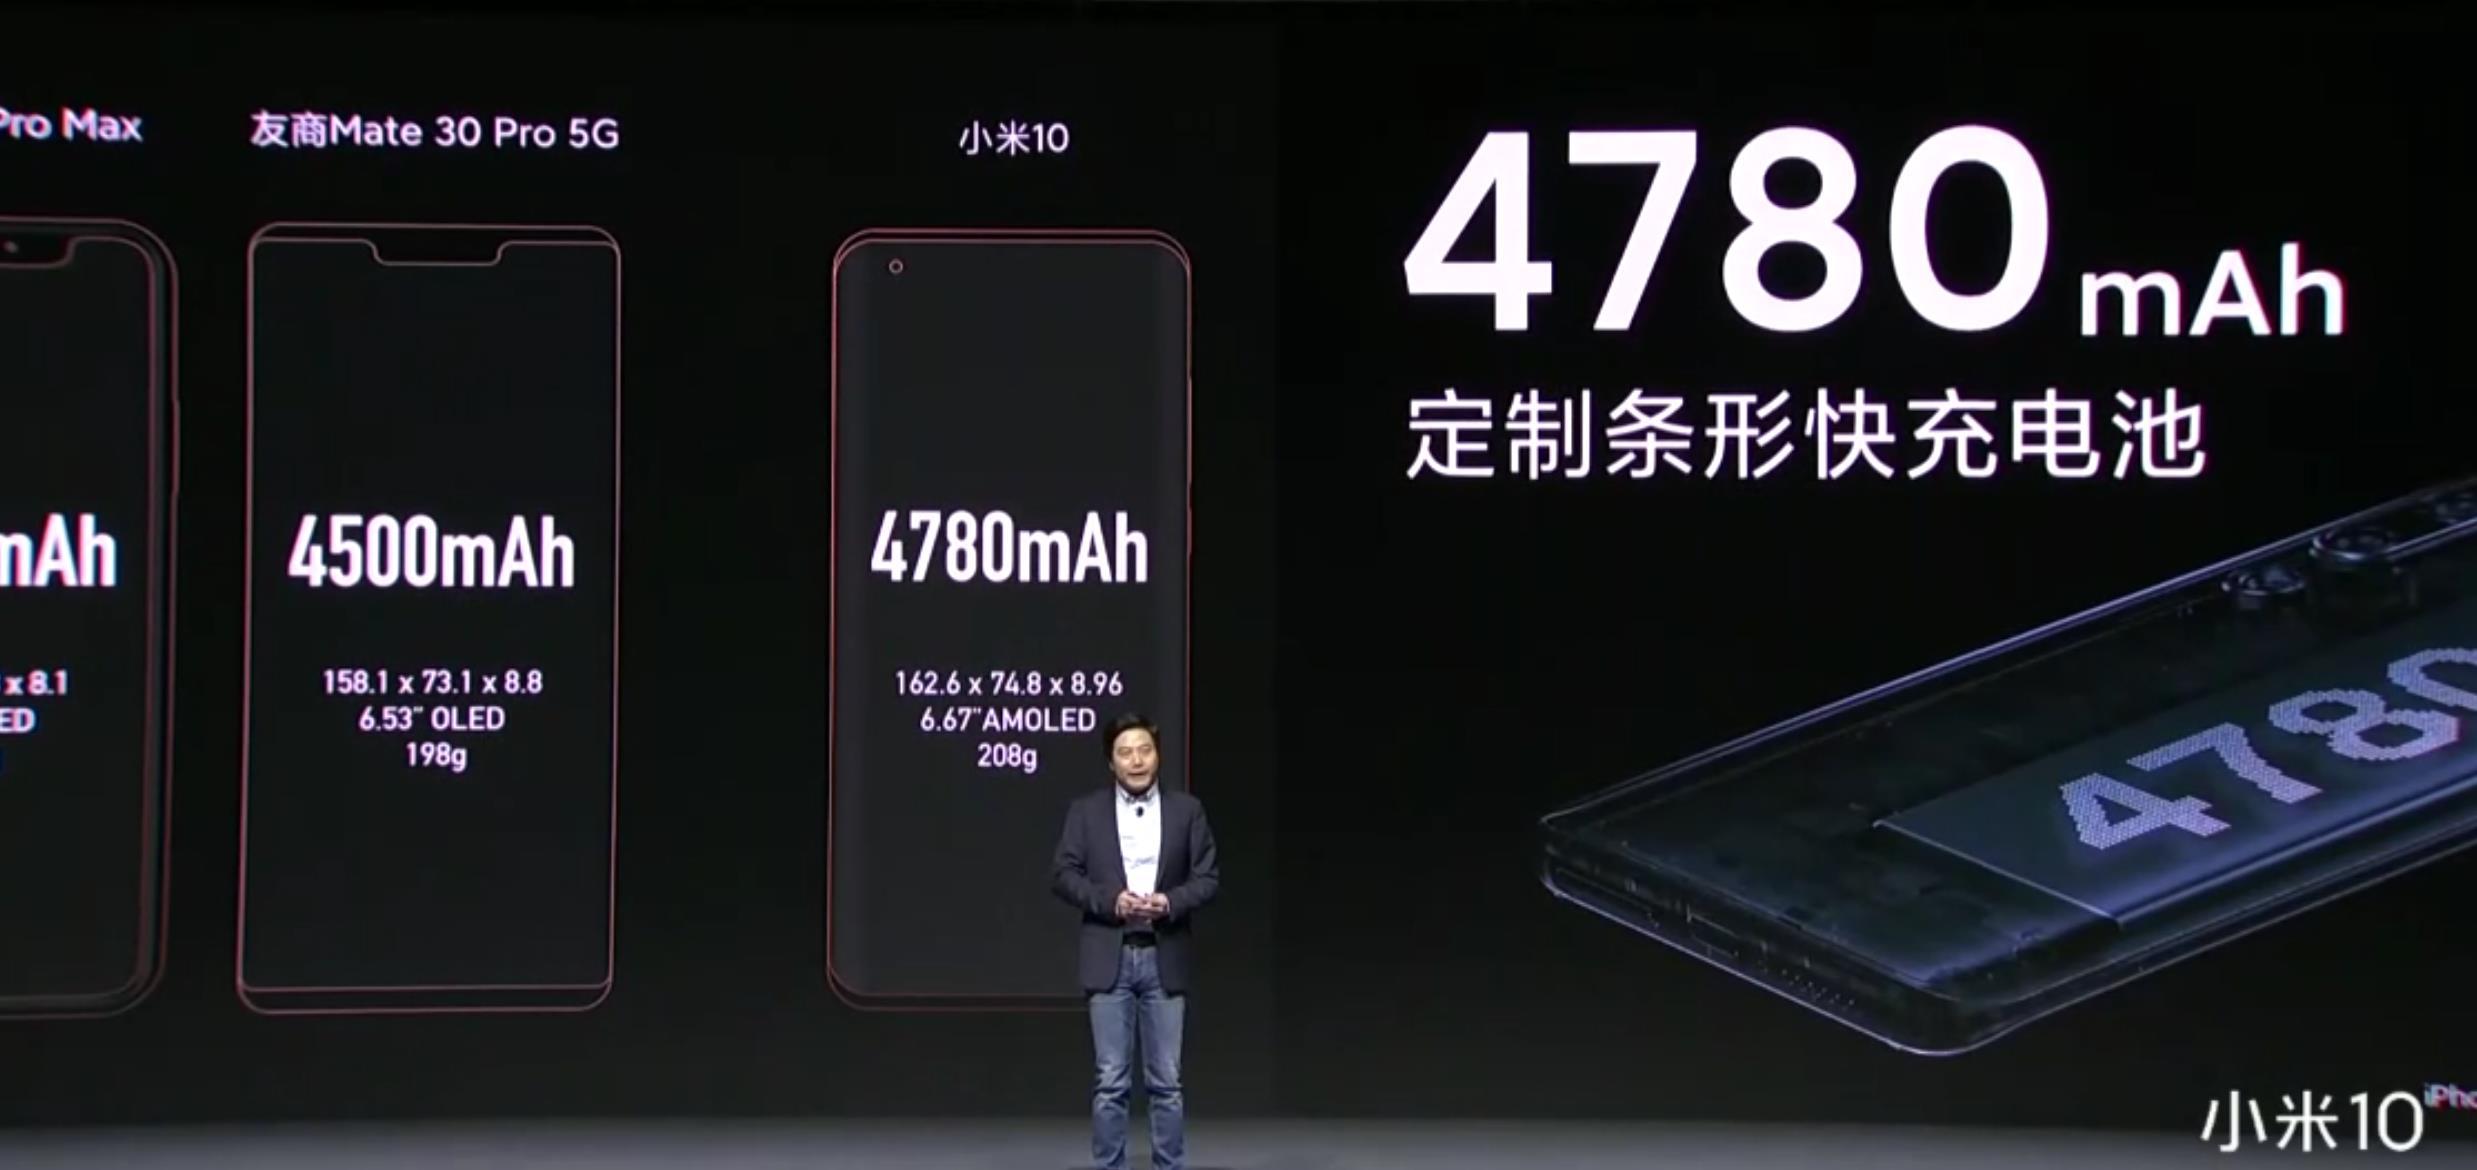 小米10正式亮相:6.67英寸小挖孔曲面屏 售價3999元起